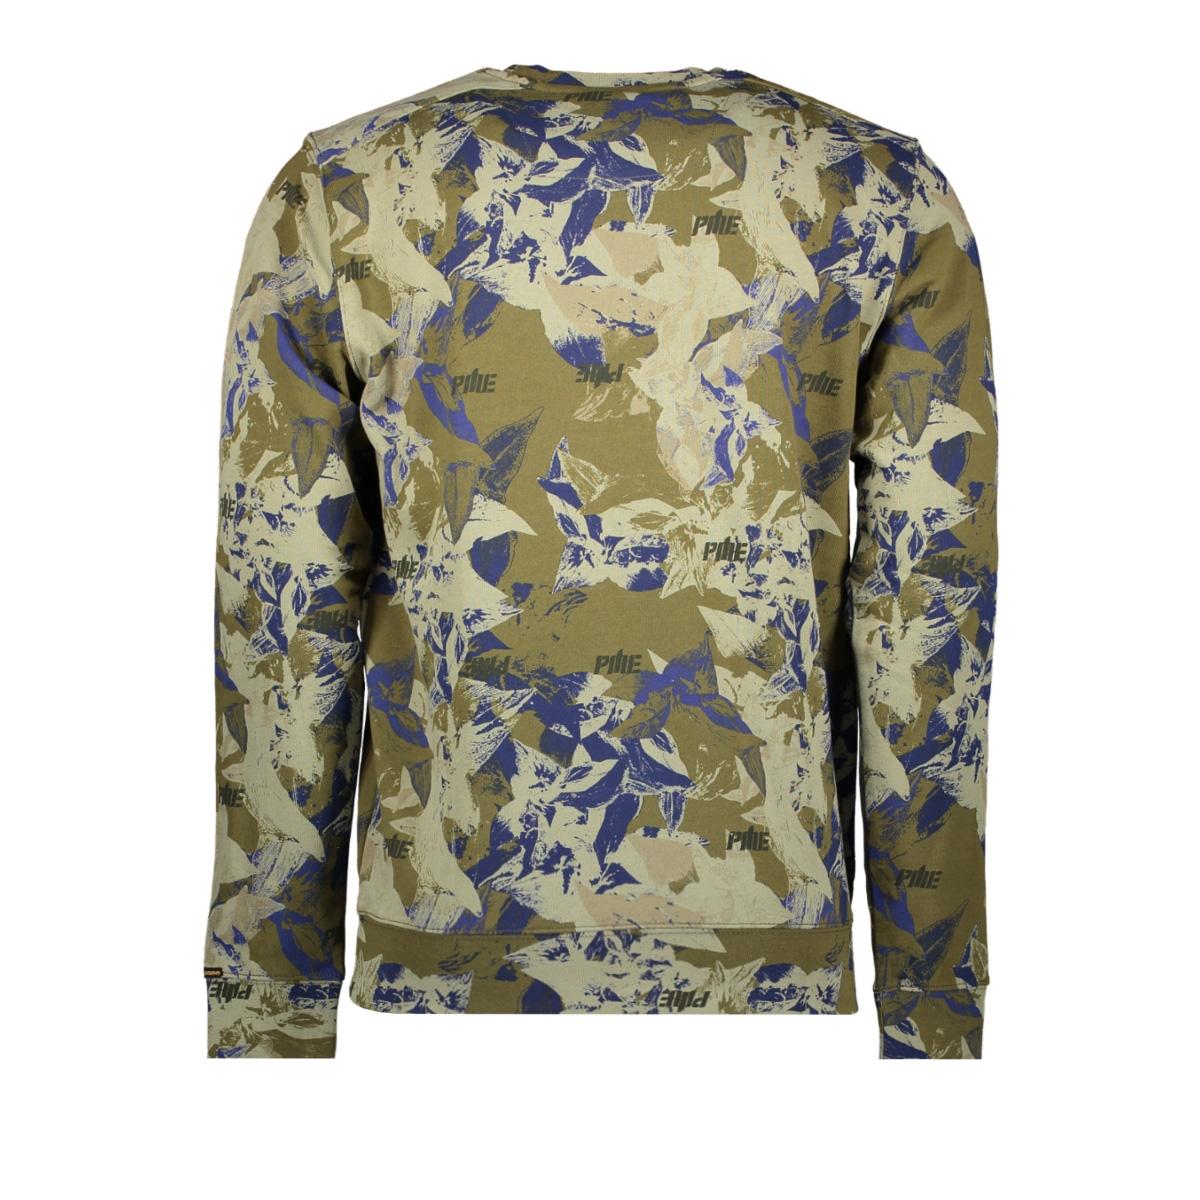 sweater crewneck psw205411 pme legend sweater 6447